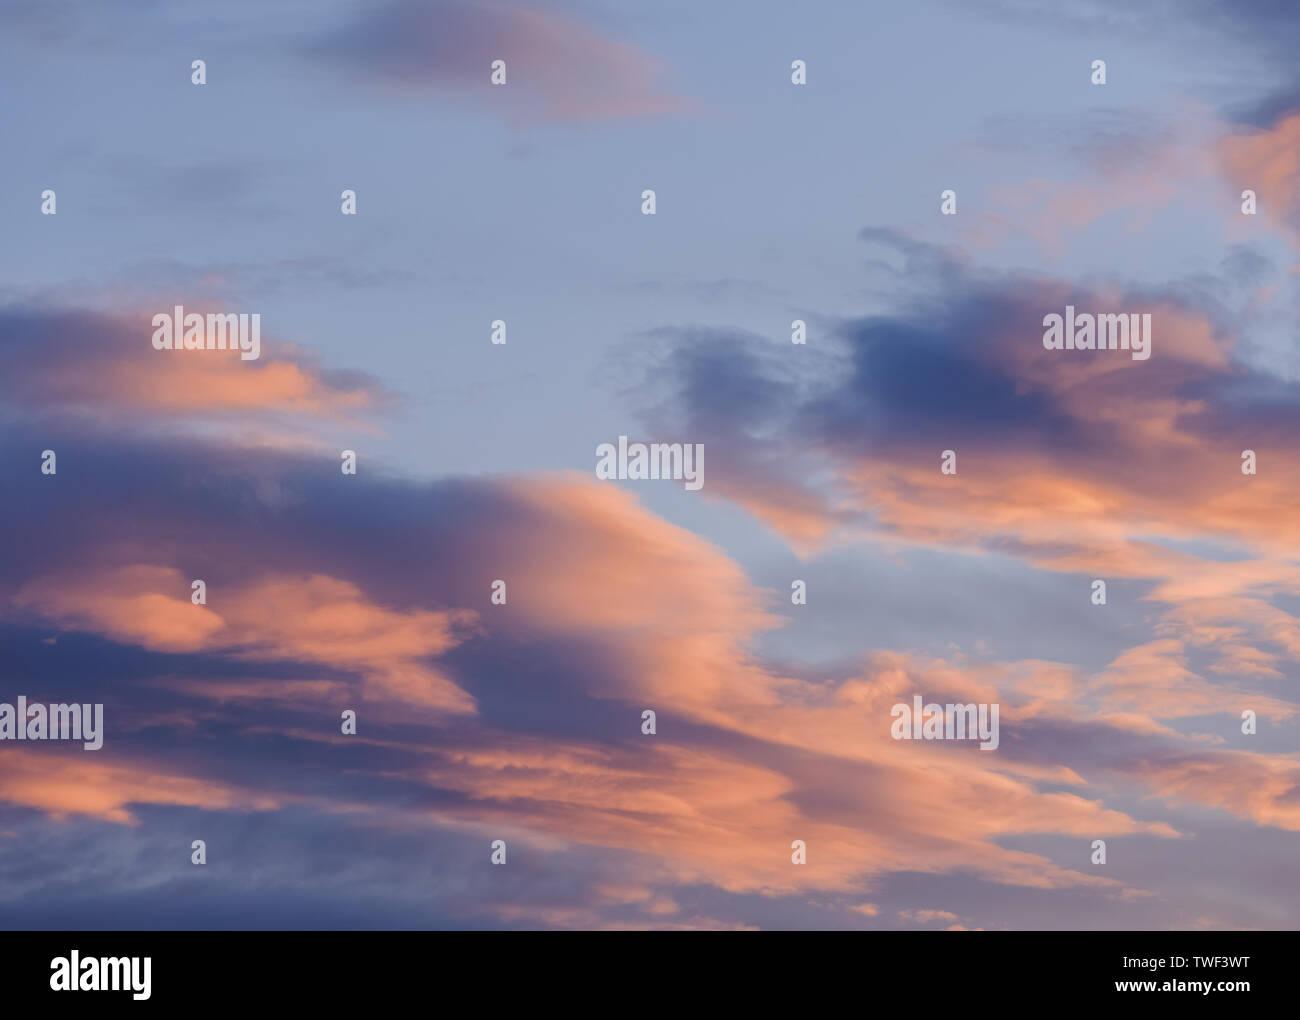 Dramatischer sonnenuntergang himmel mit orange farbige Wolken. Stockbild